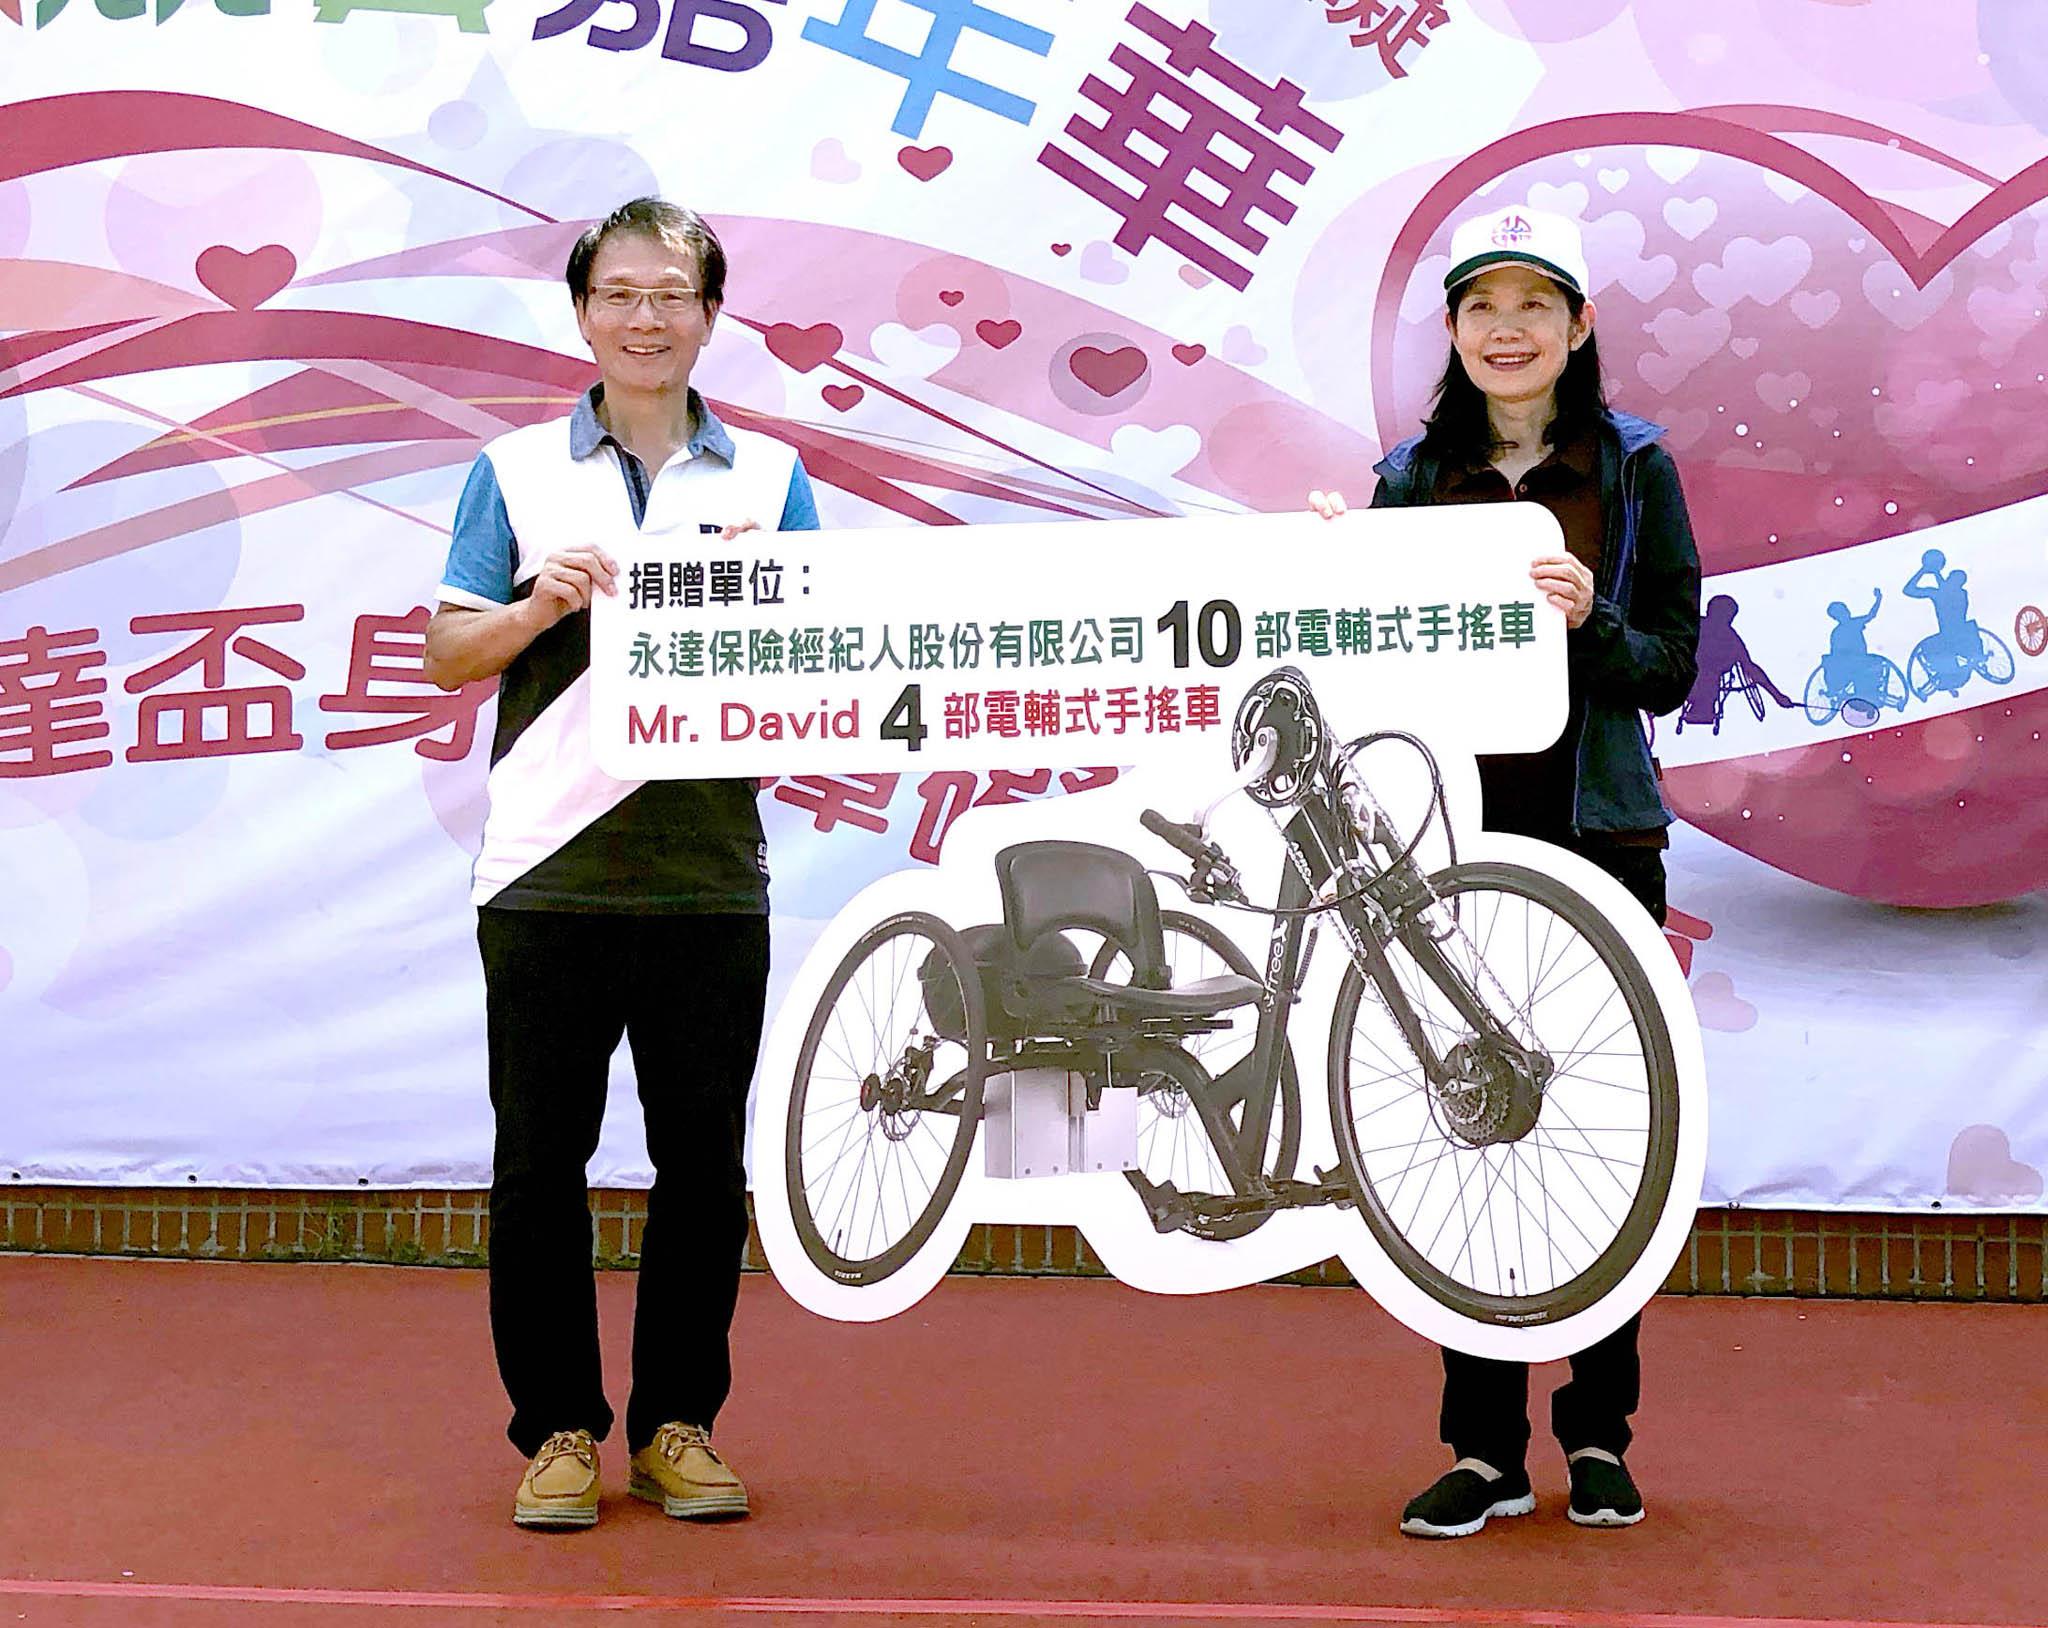 永達保經李忠約副總(圖左)代表捐贈十輛電輔式手搖自行車,由新北市呂衛青副市長代表受贈。